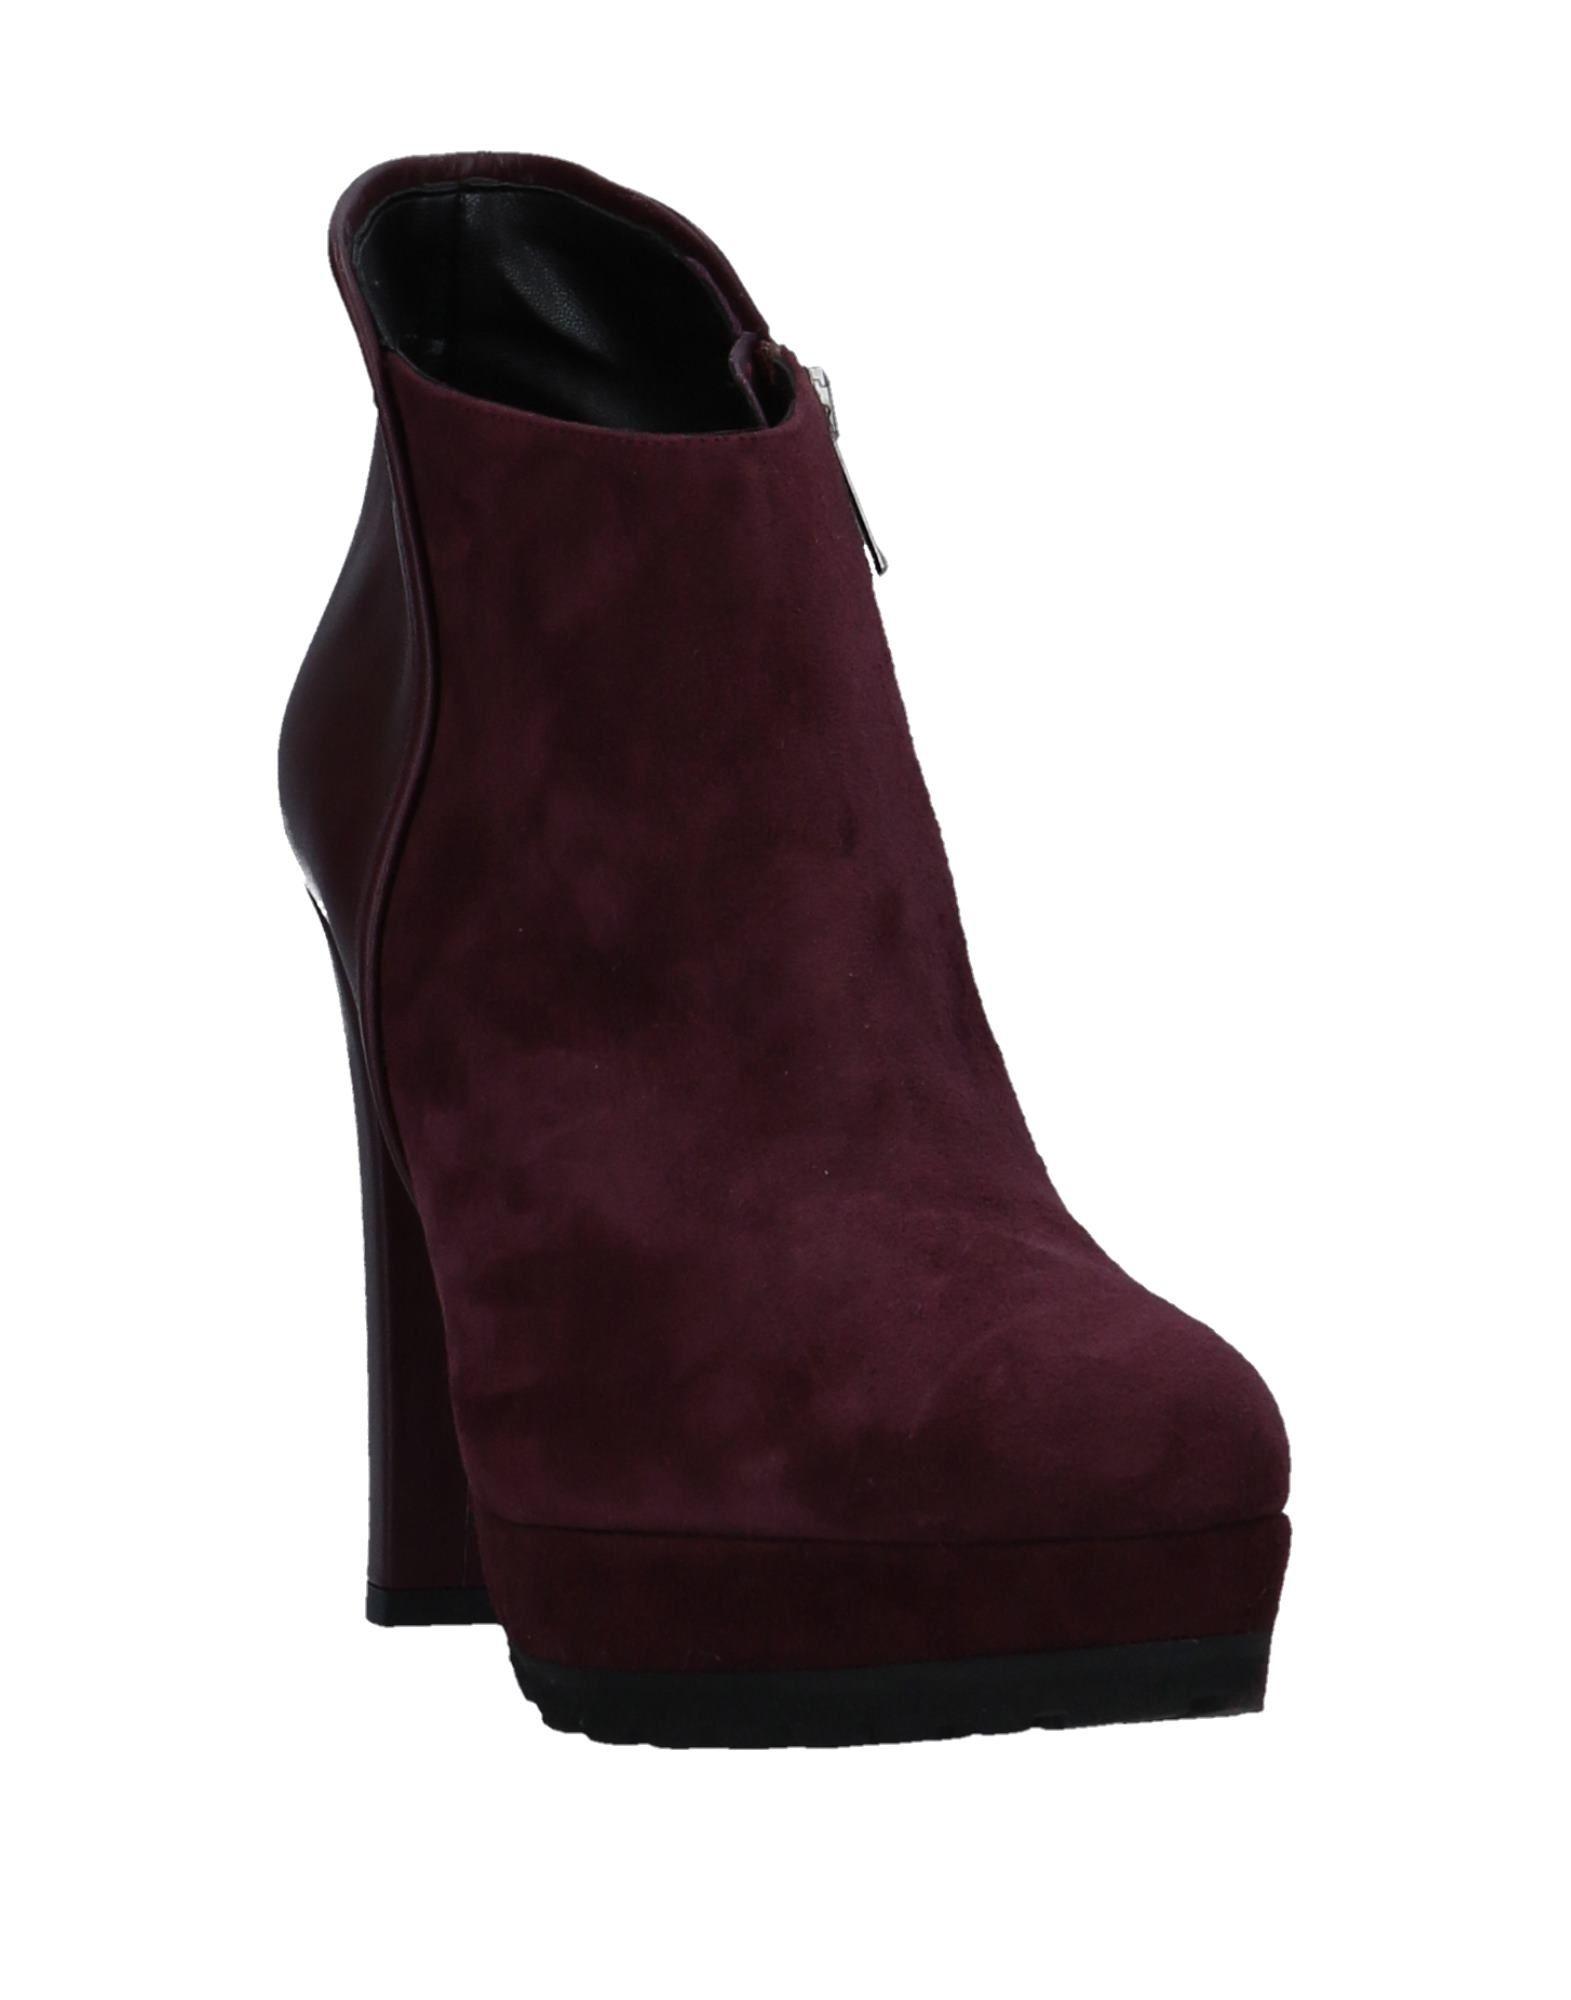 Gut um Stiefelette billige Schuhe zu tragenAlbano Stiefelette um Damen  11537503XU 08a805